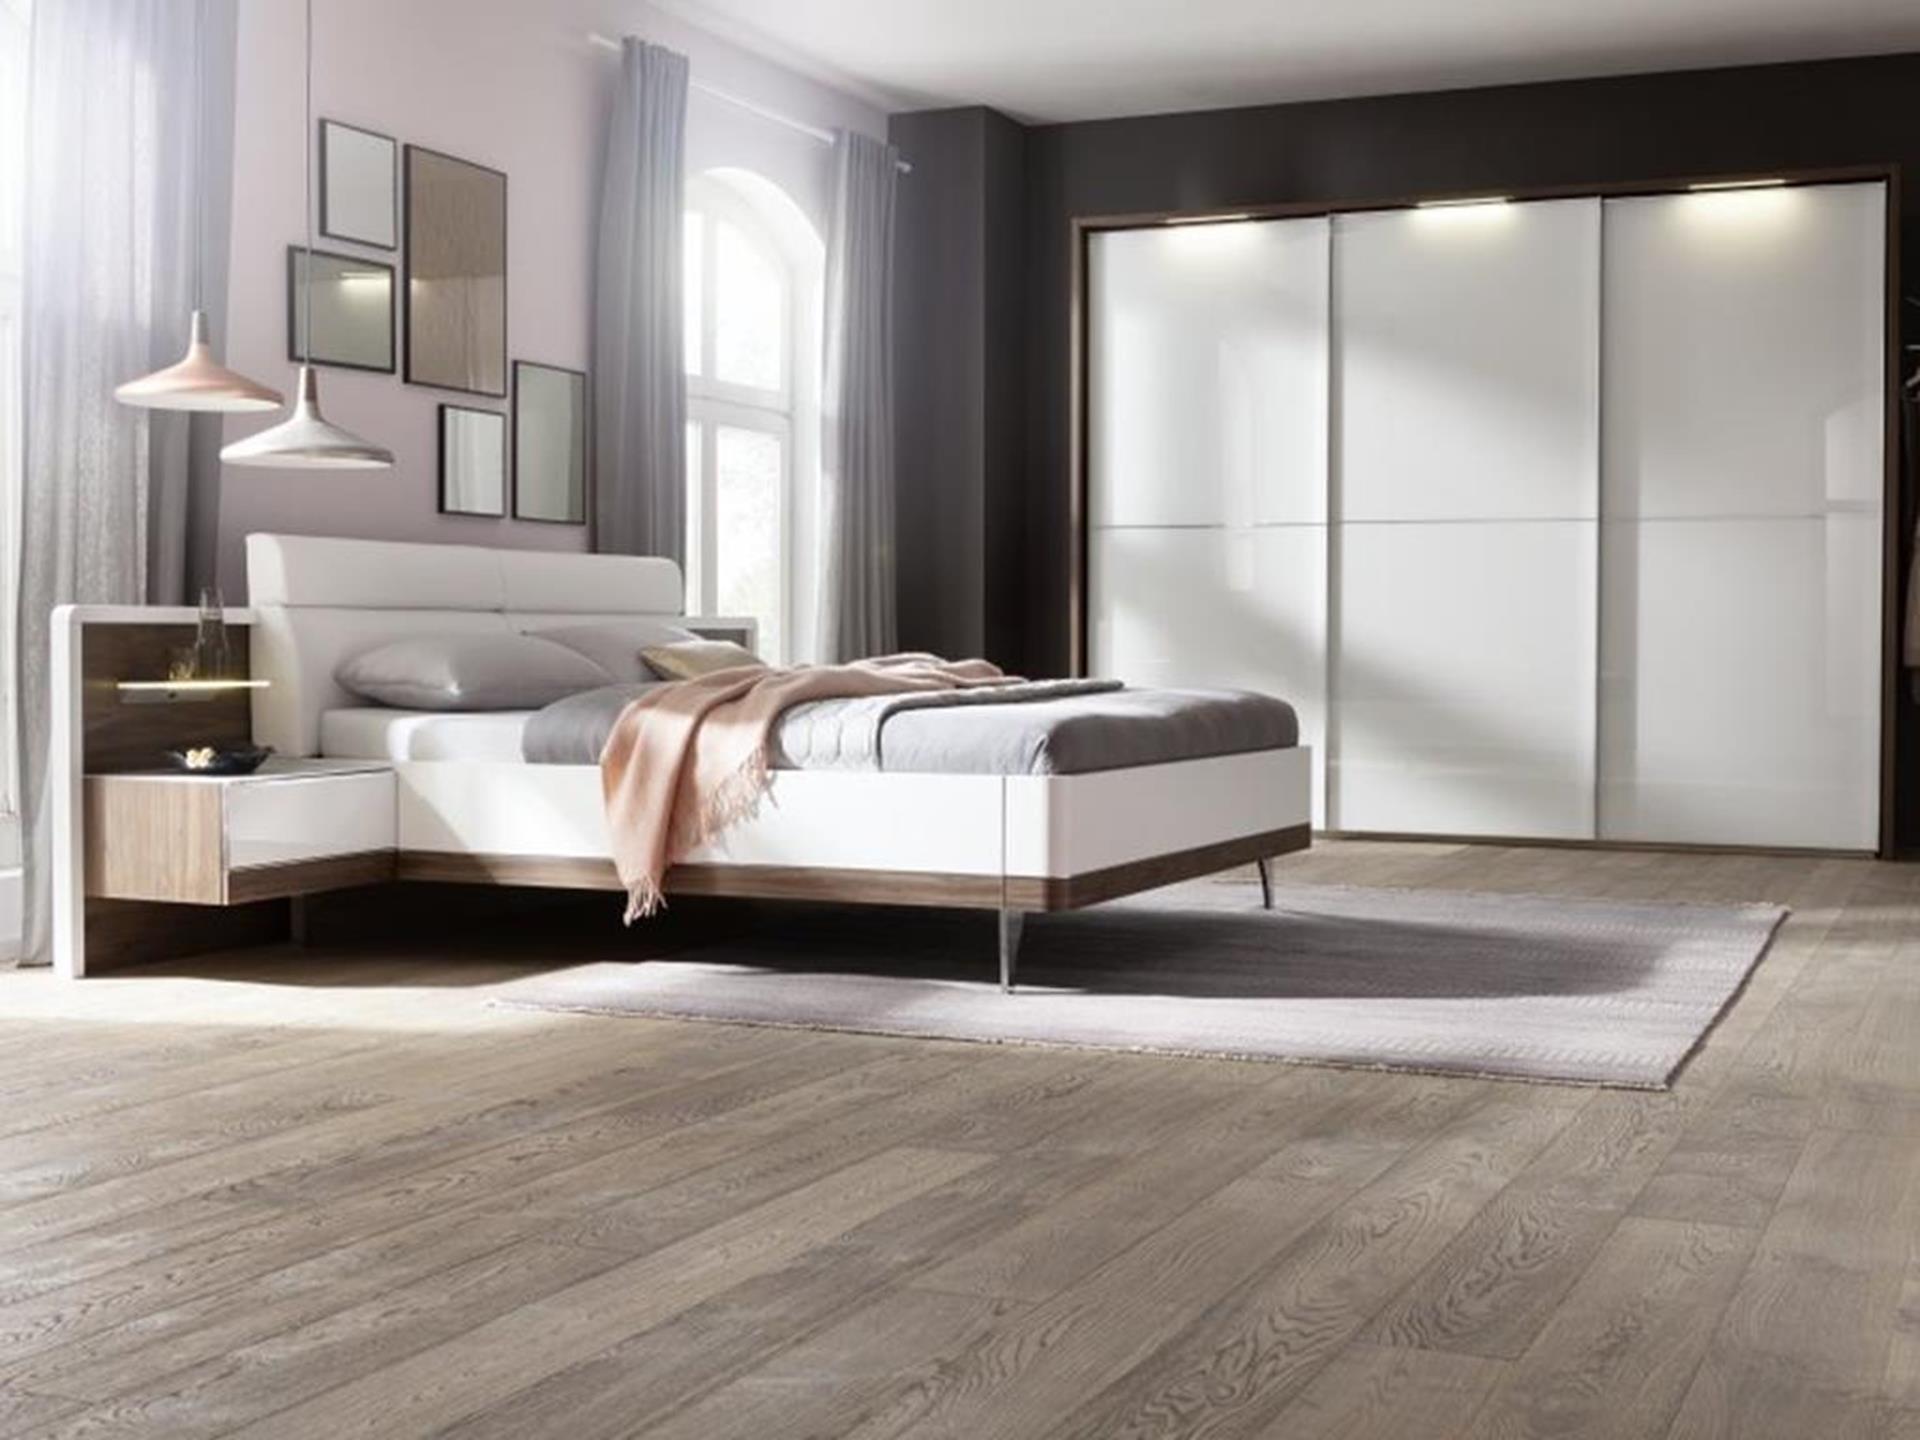 sypialnia w nowoczesnym stylu z meblami nolte